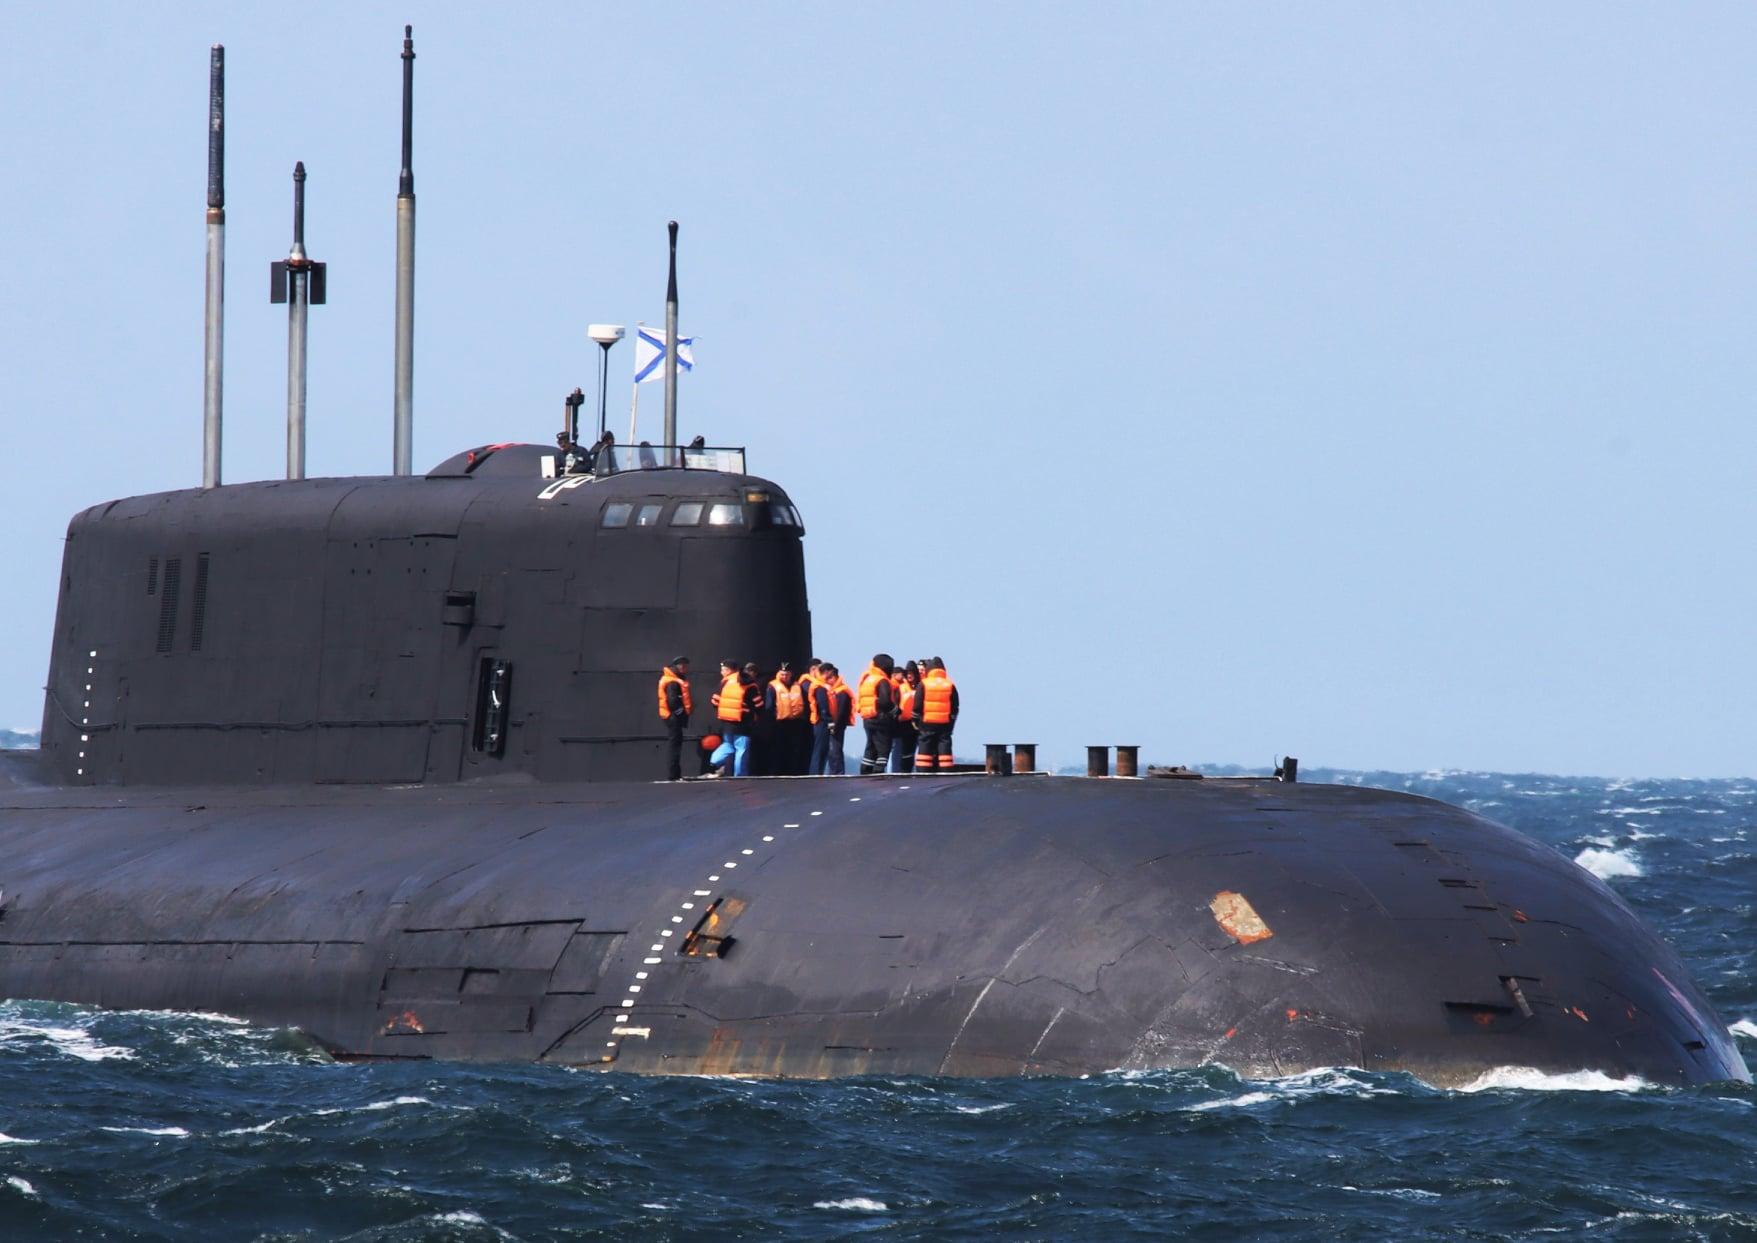 У берегов Дании временно потеряла ход российская подводная лодка